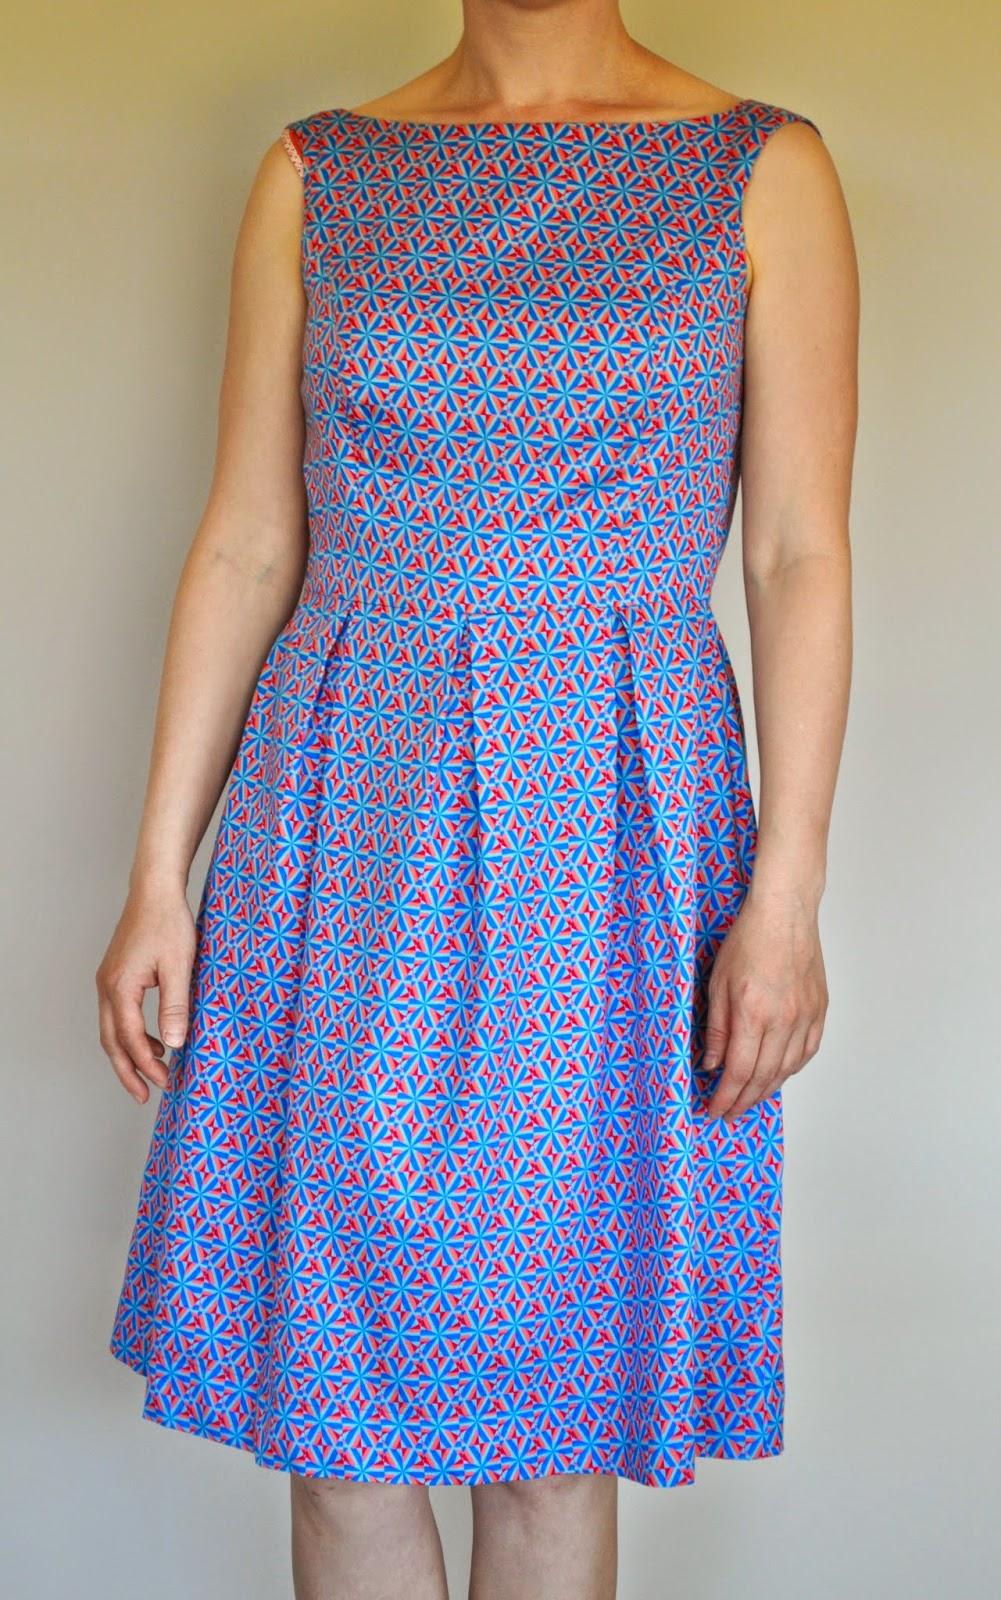 b2d8ba73ef627e Een June kleed zou het worden. Her en der zag ik al prachtige versies van  dit kleed verschijnen.